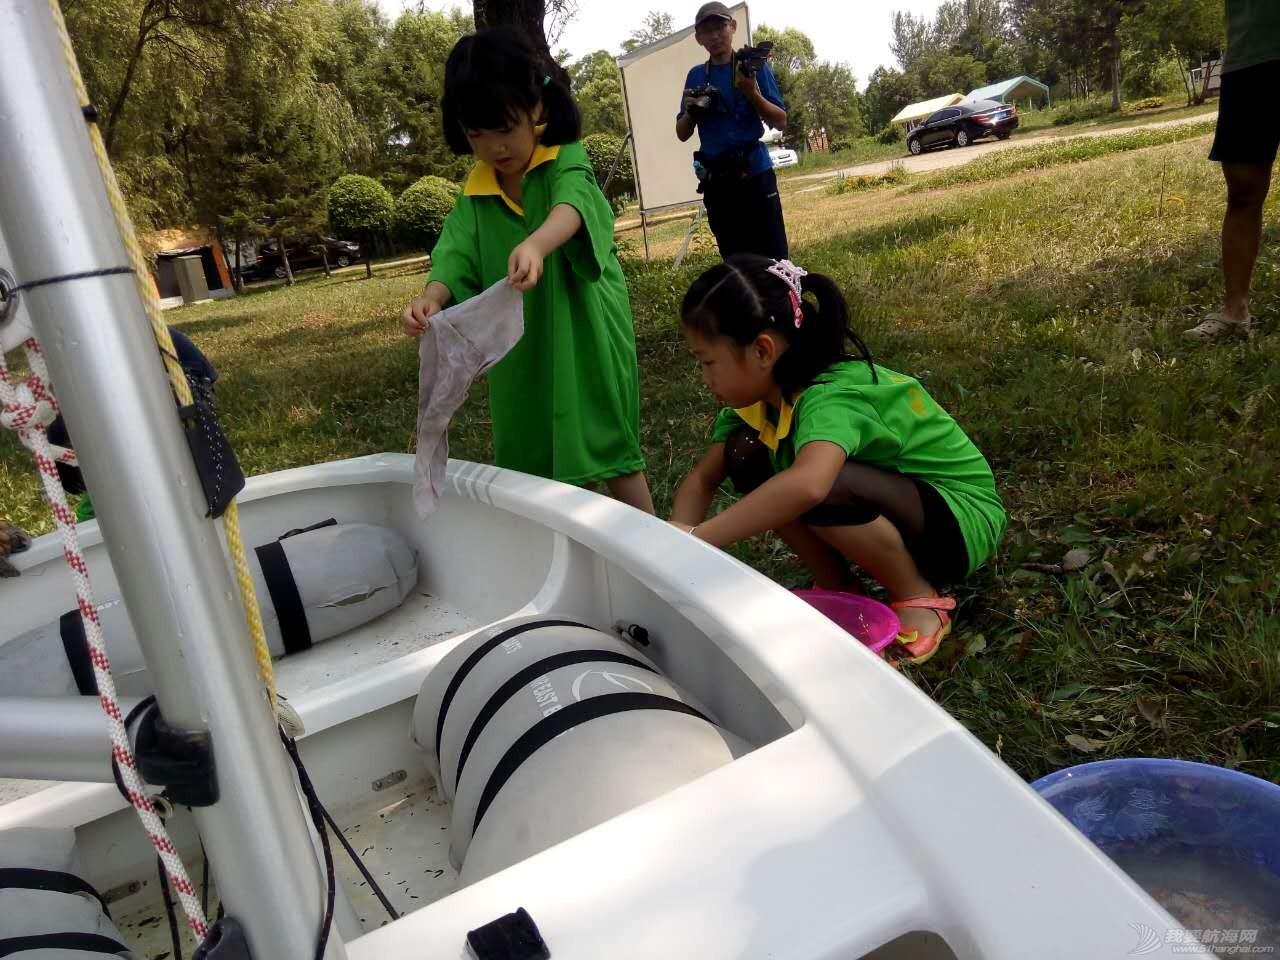 帆船 有帆船的童年 照片